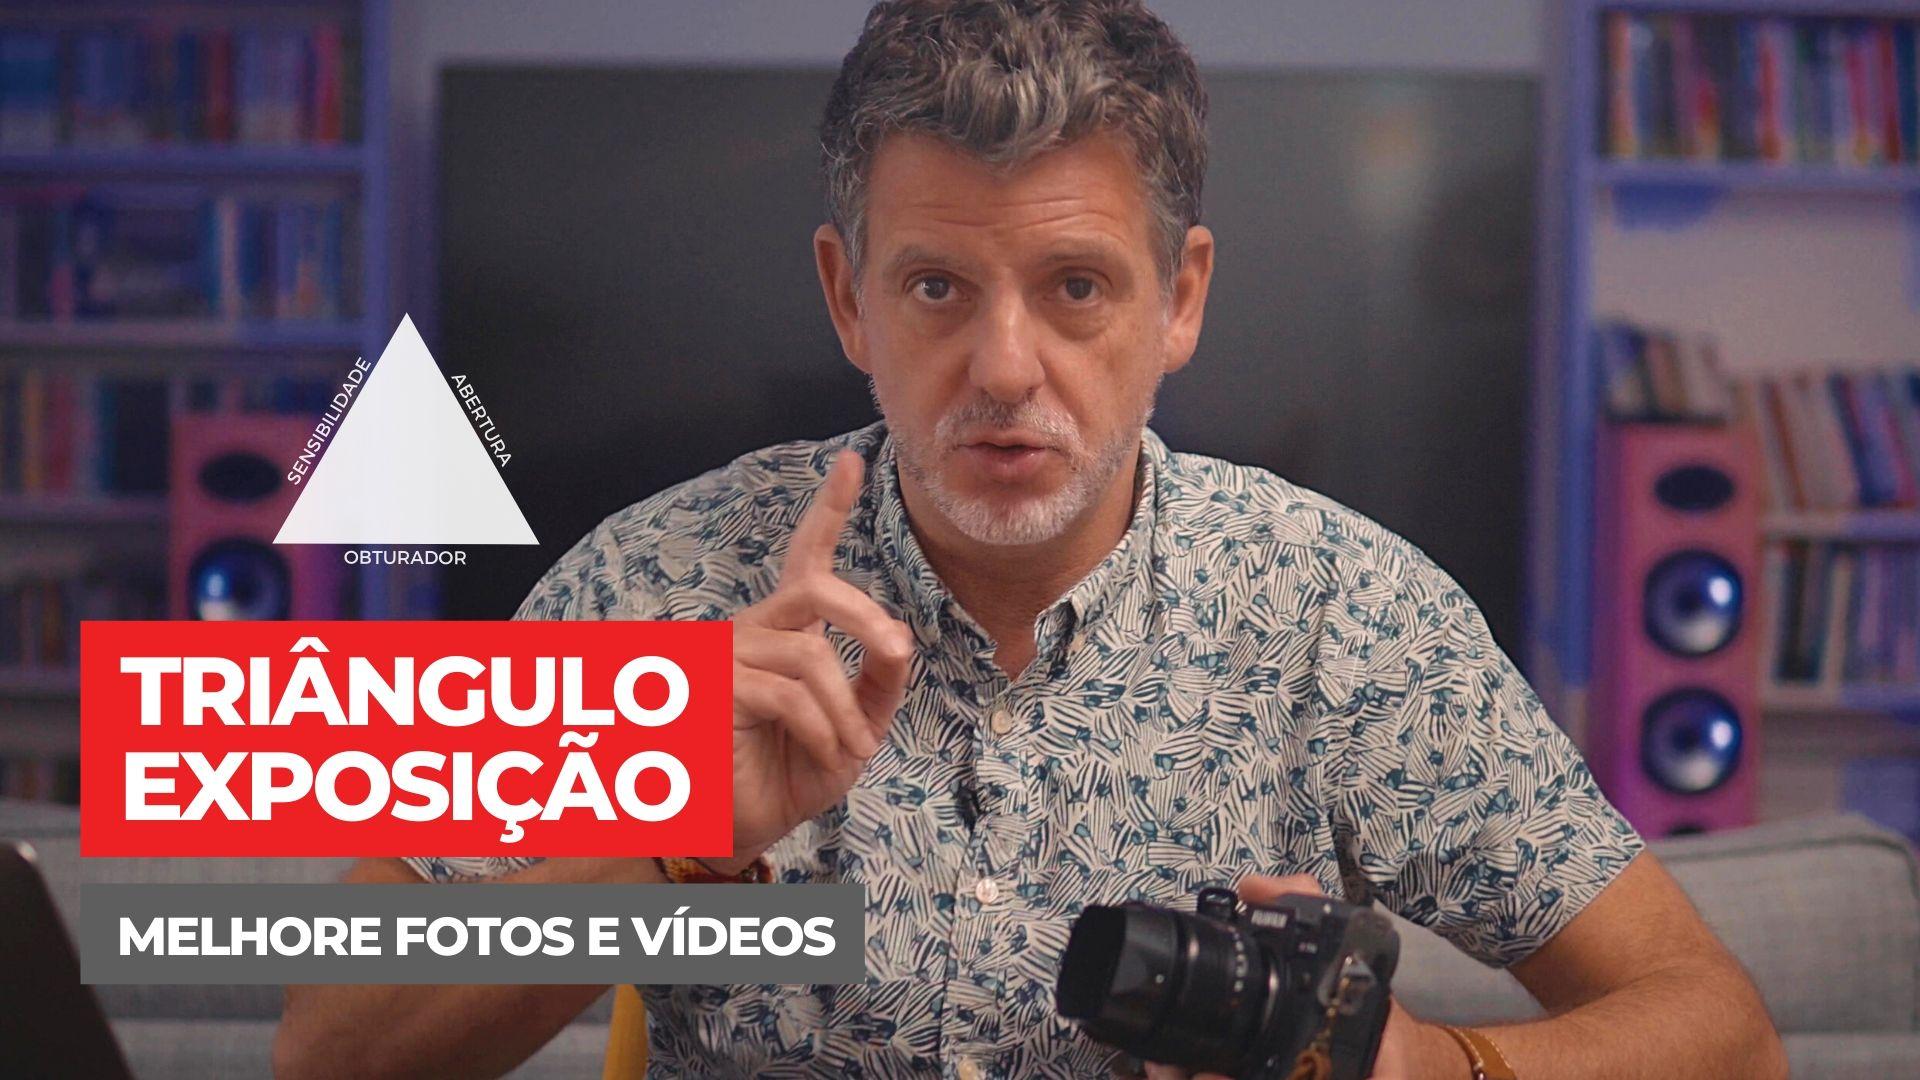 TRIÂNGULO DE EXPOSIÇÃO – MELHORE FOTOS E VÍDEOS